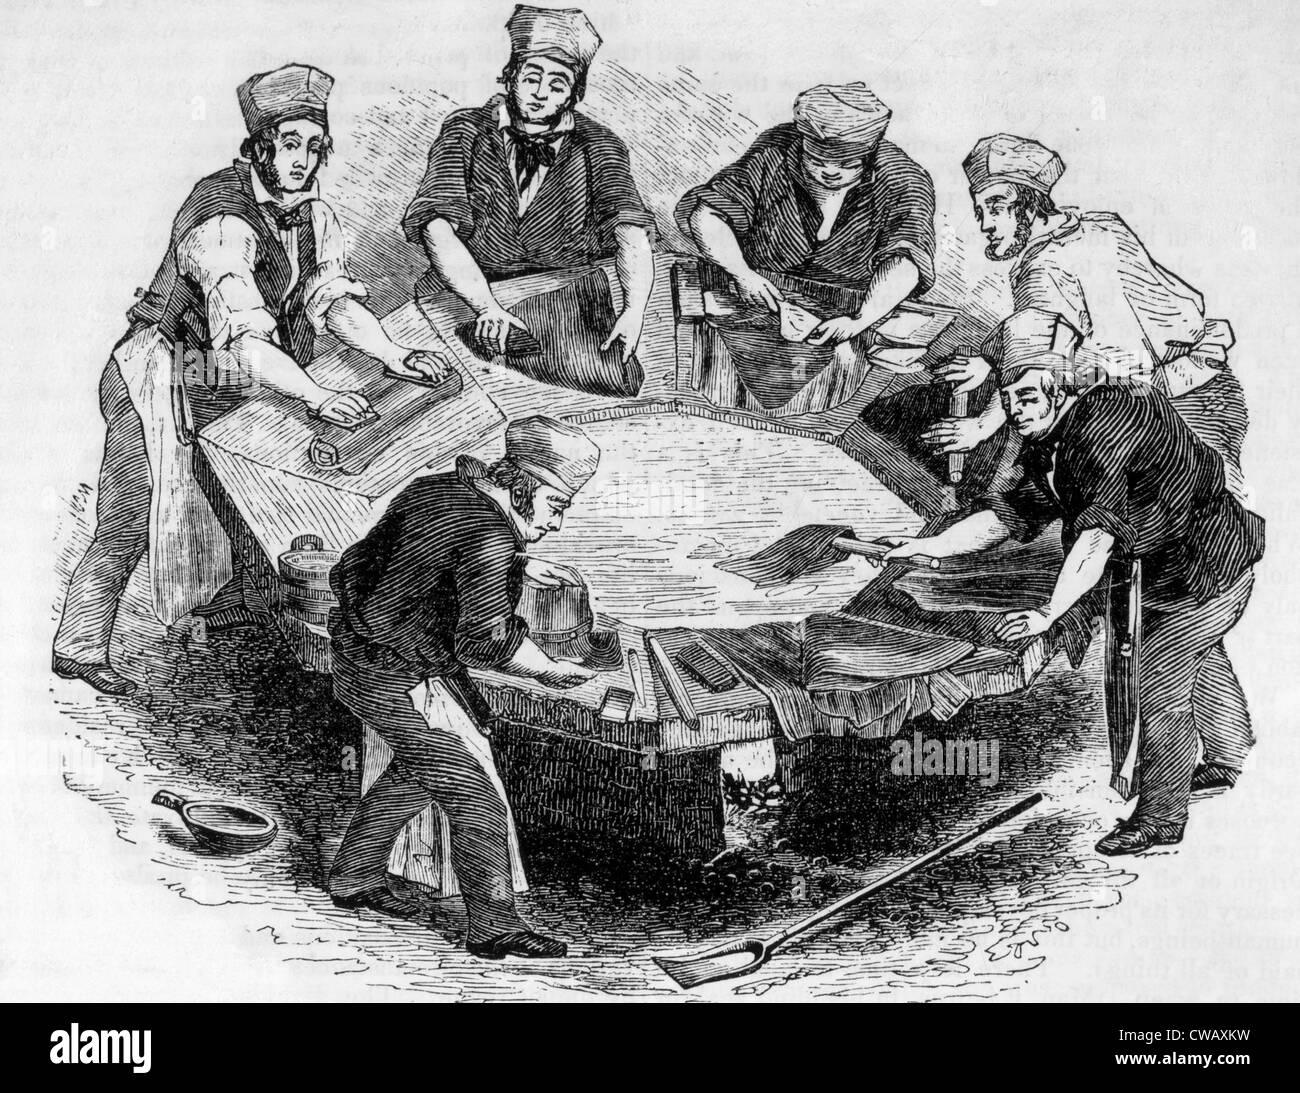 Les travailleuses et travailleurs d'usine chapeau chapeaux de castor au 16ème siècle lorsqu'ils Photo Stock